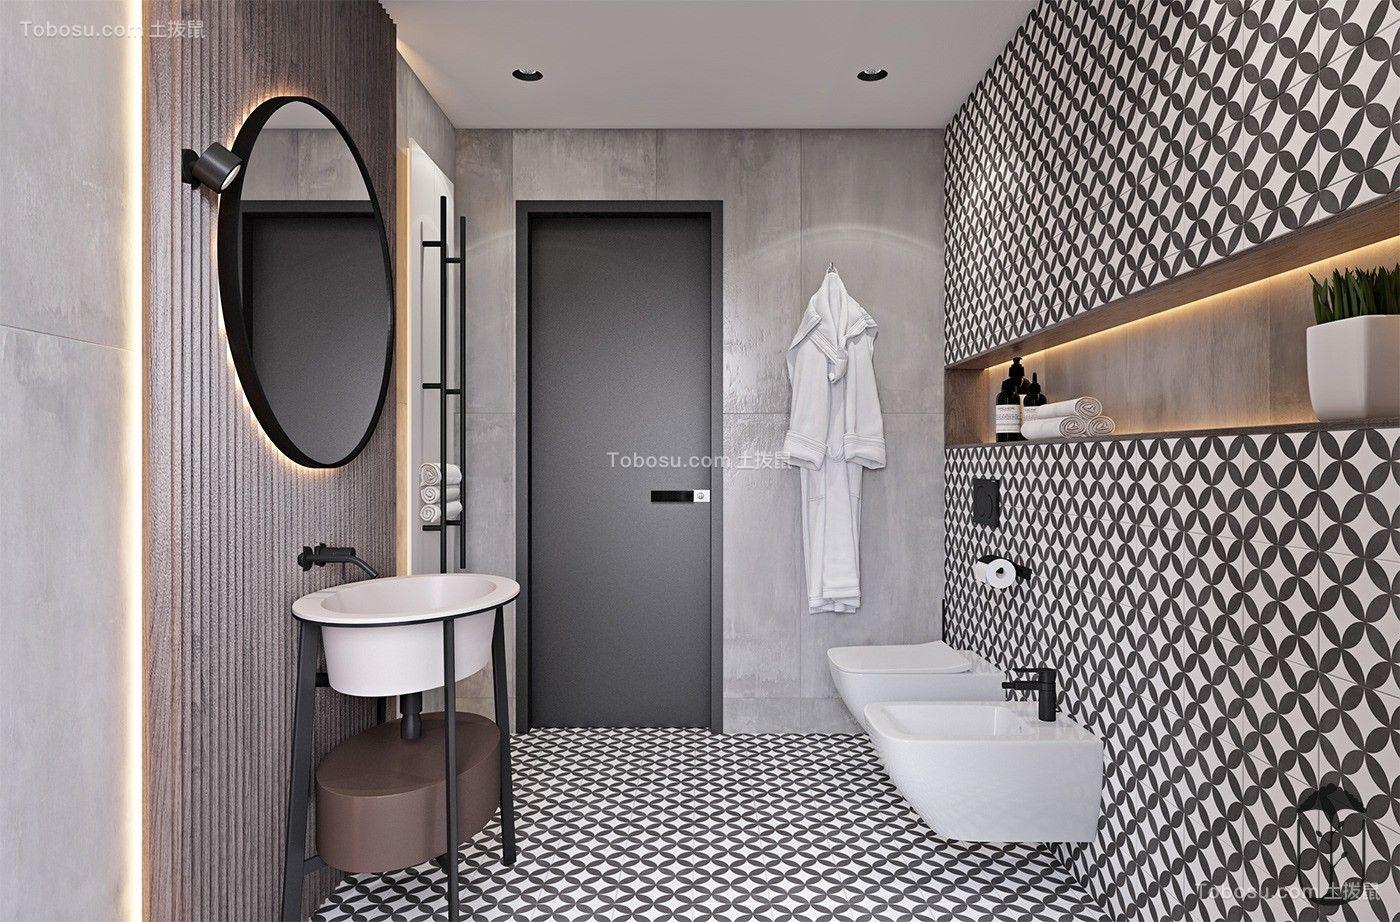 2019工业卫生间装修图片 2019工业浴室柜装修图片